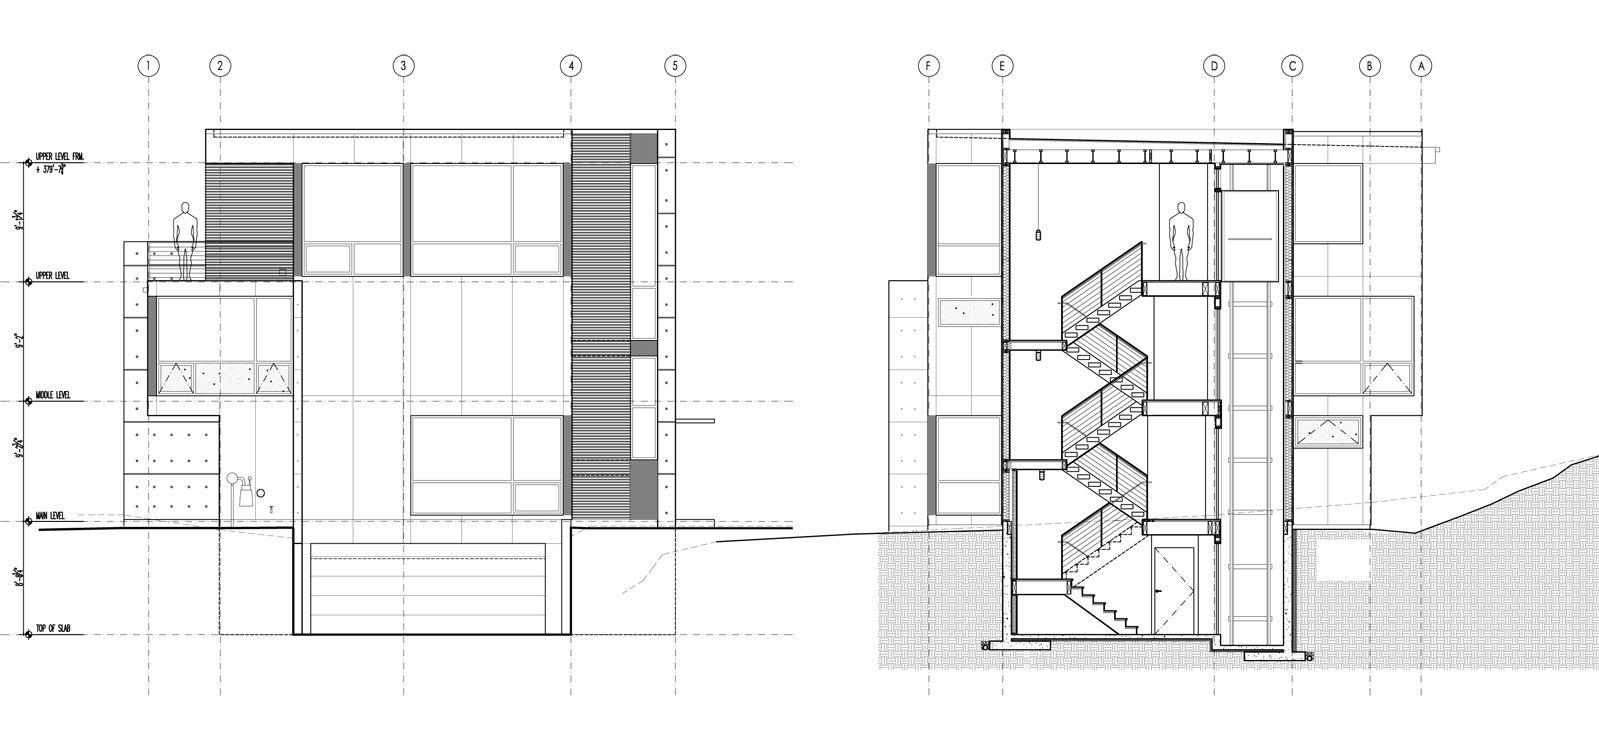 Build Llc Desai Section Elevation Architectural Section Auditorium Design Tonys House